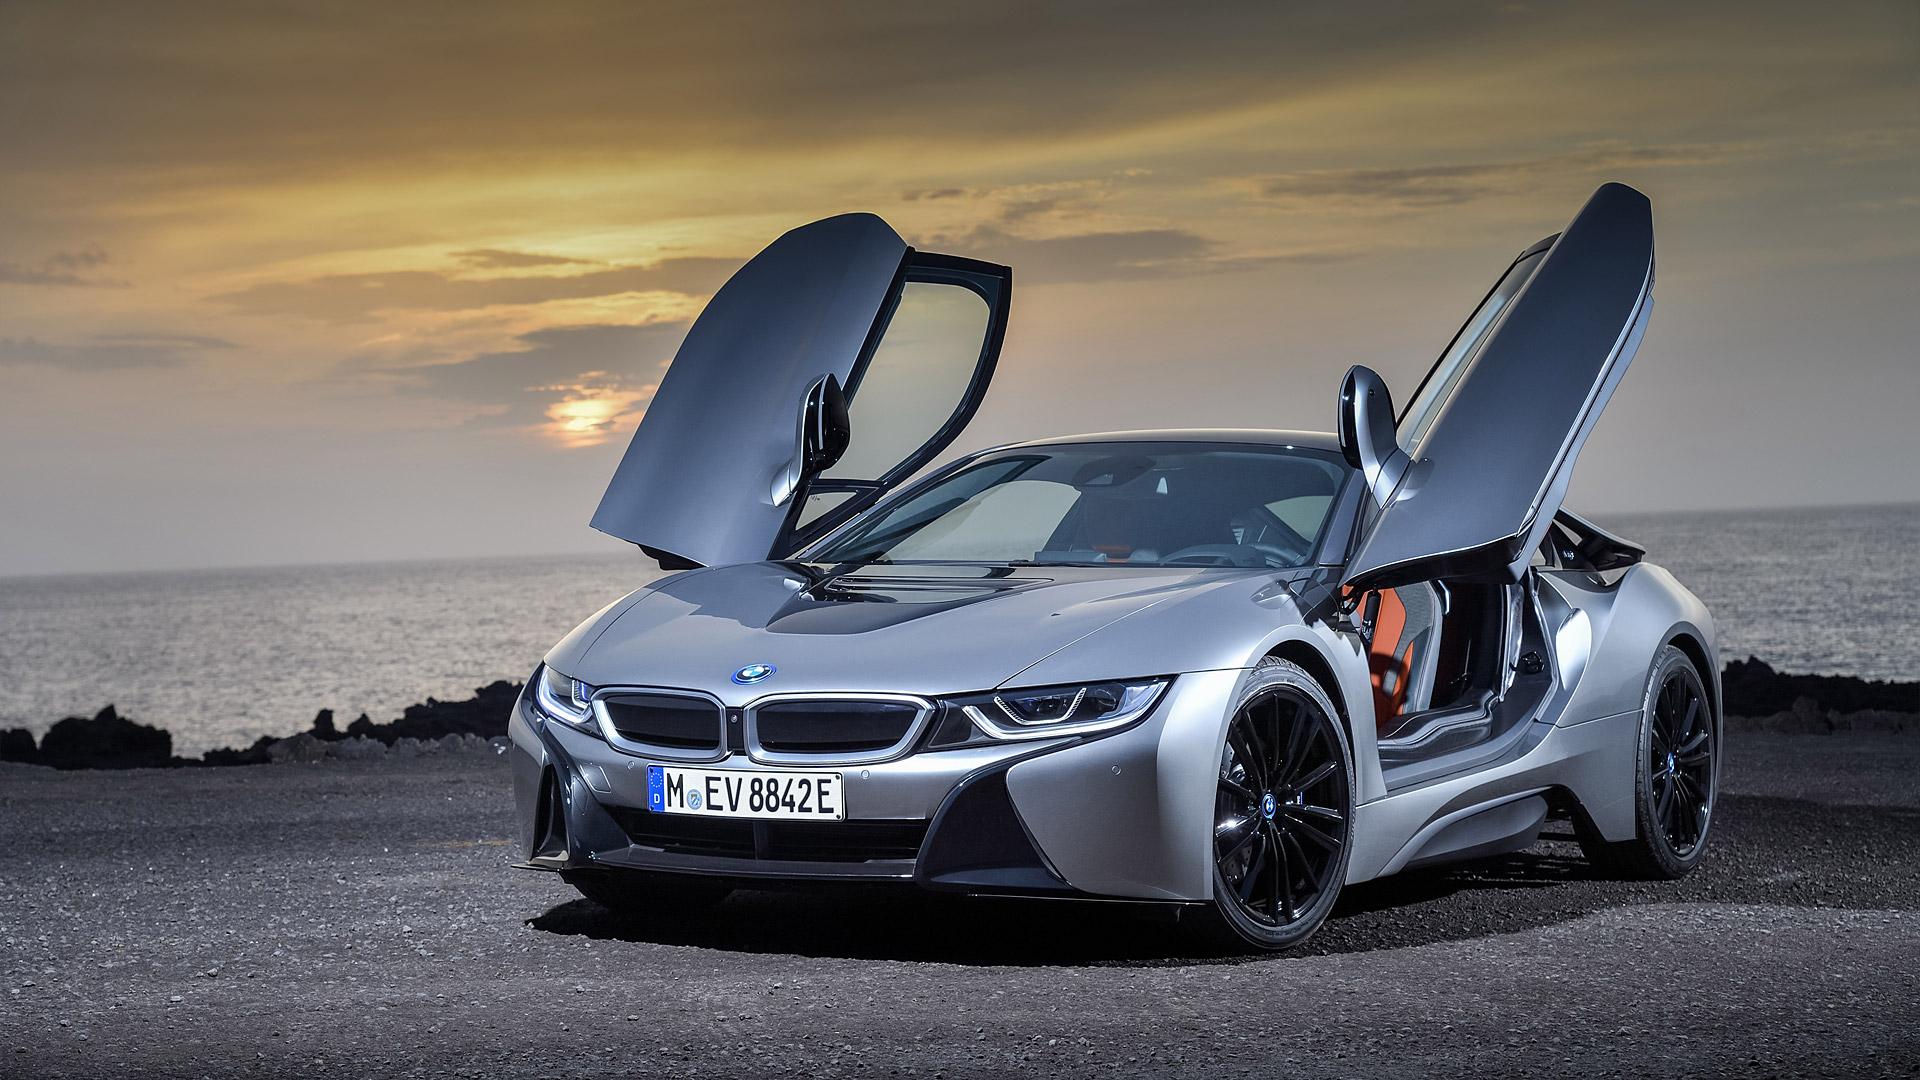 2019 BMW i8 Wallpaper